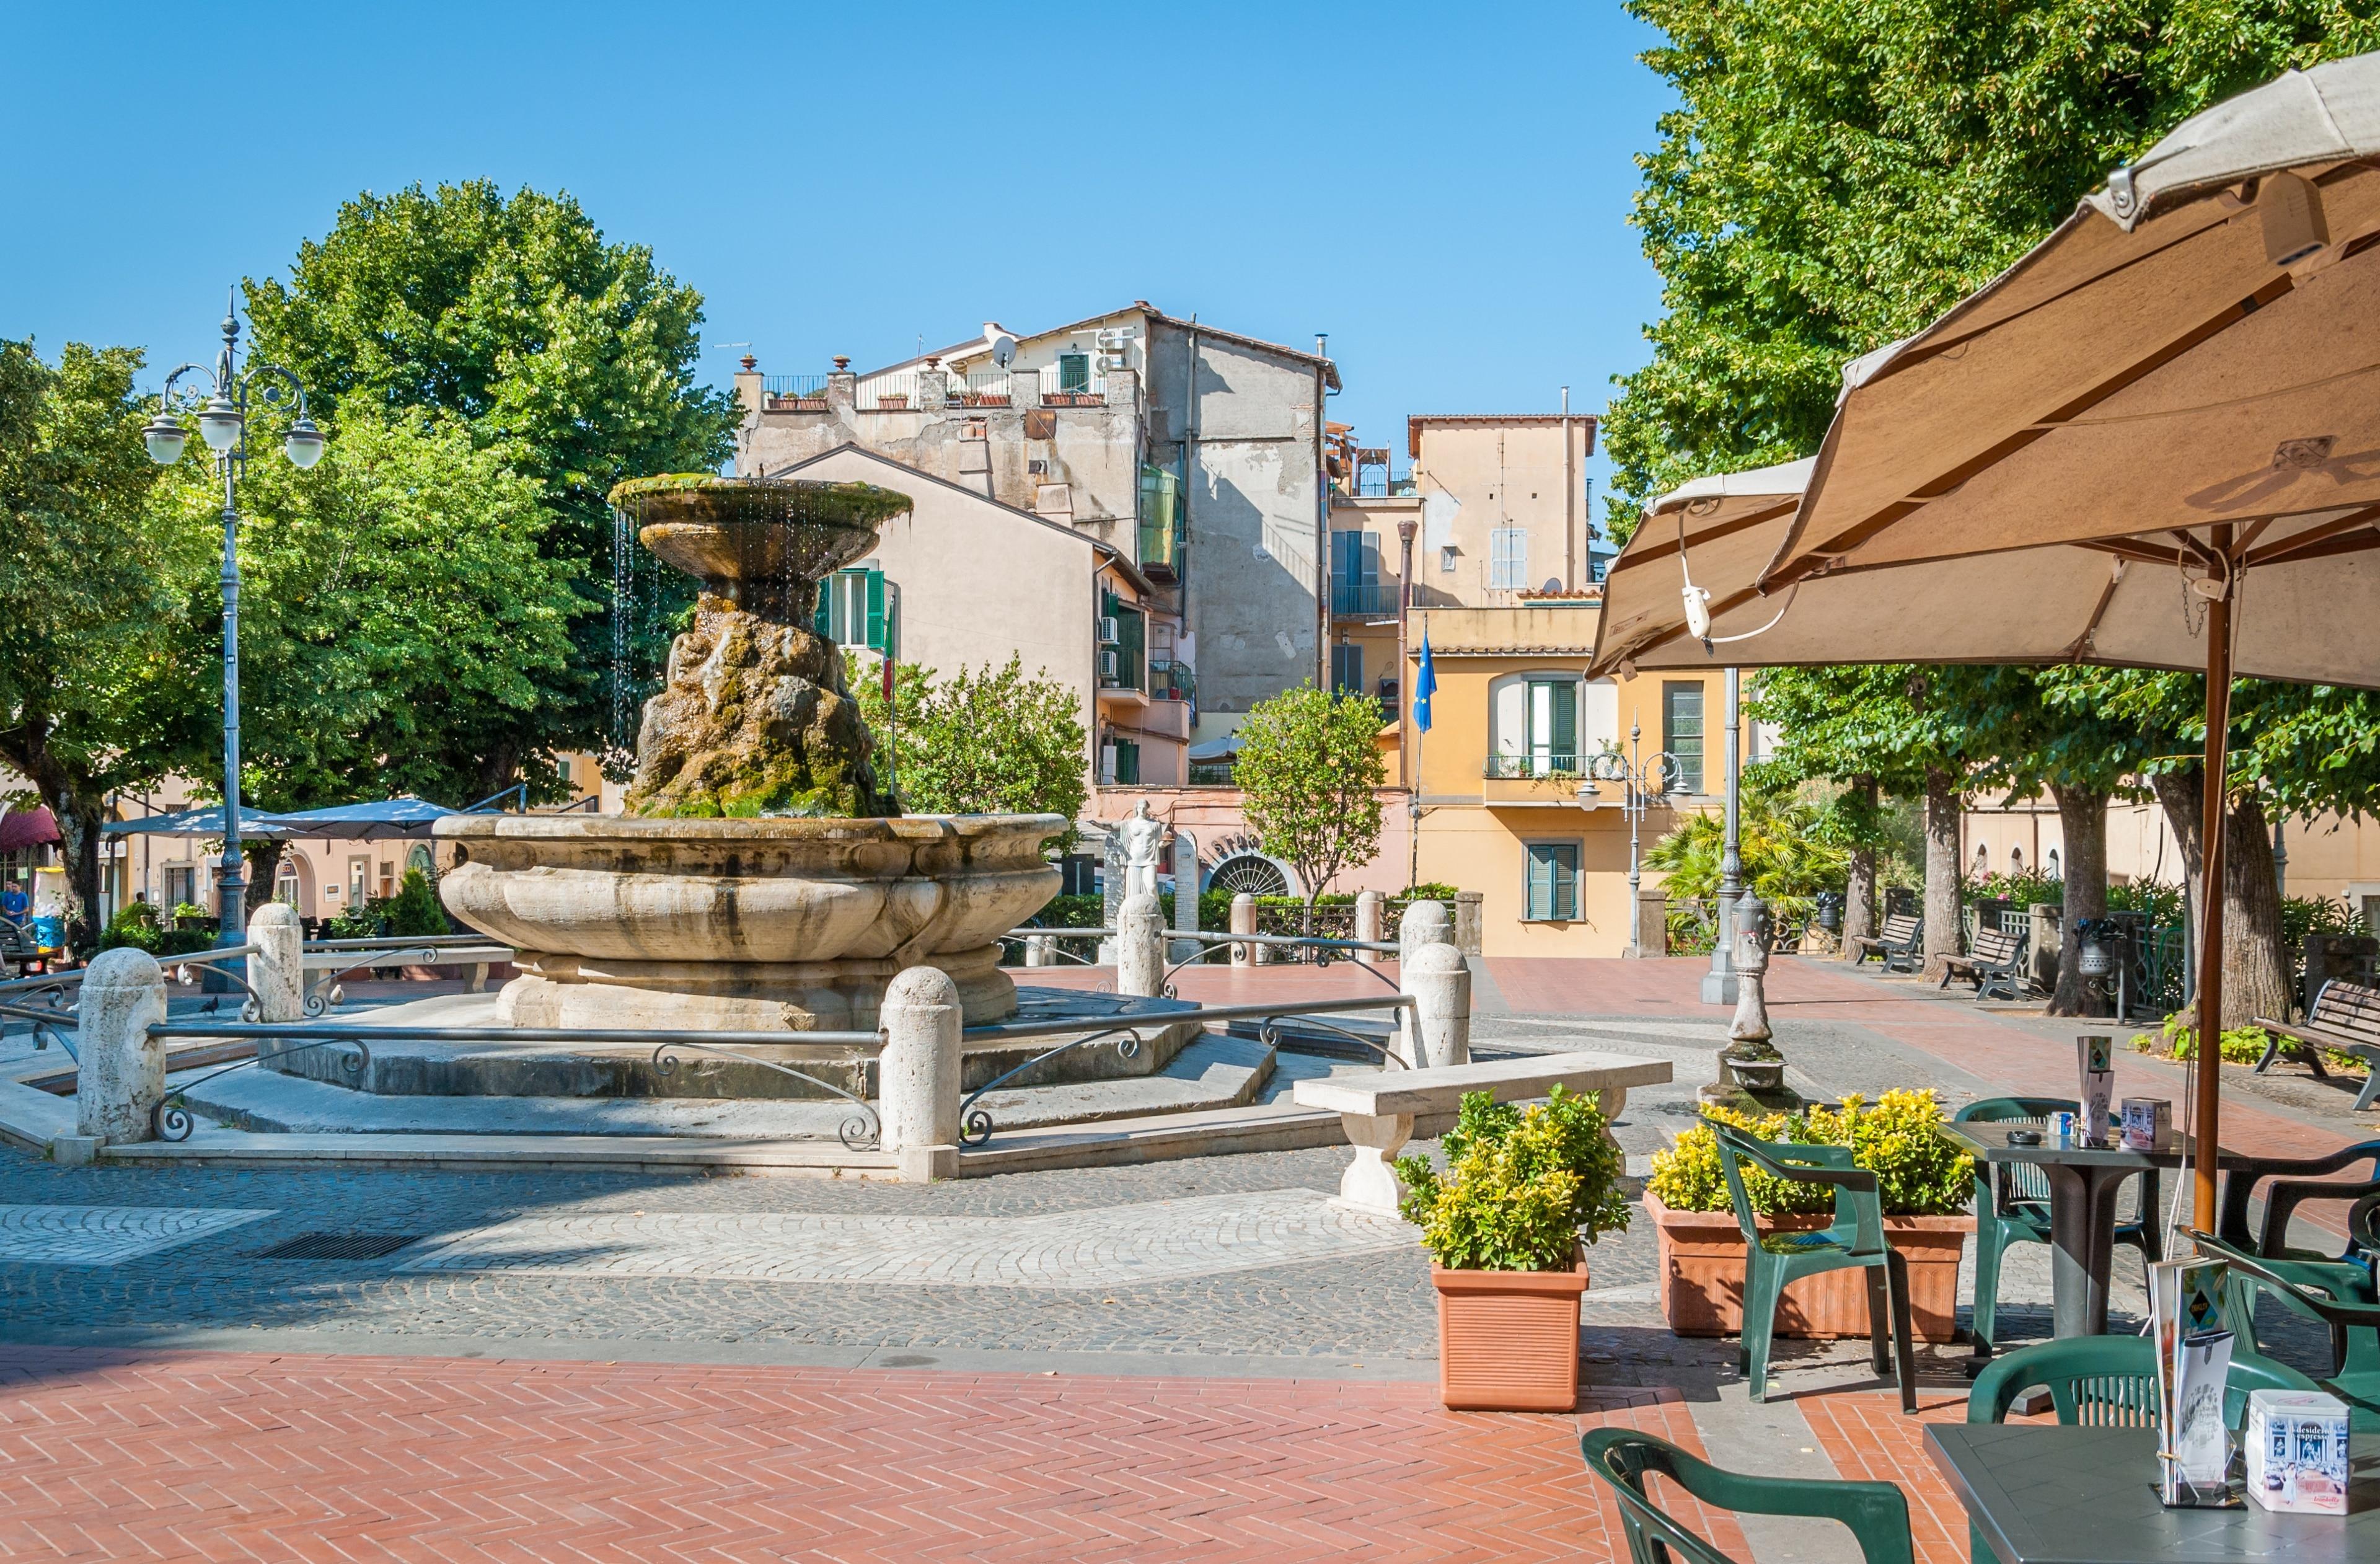 Grottaferrata, Lazio, Italy